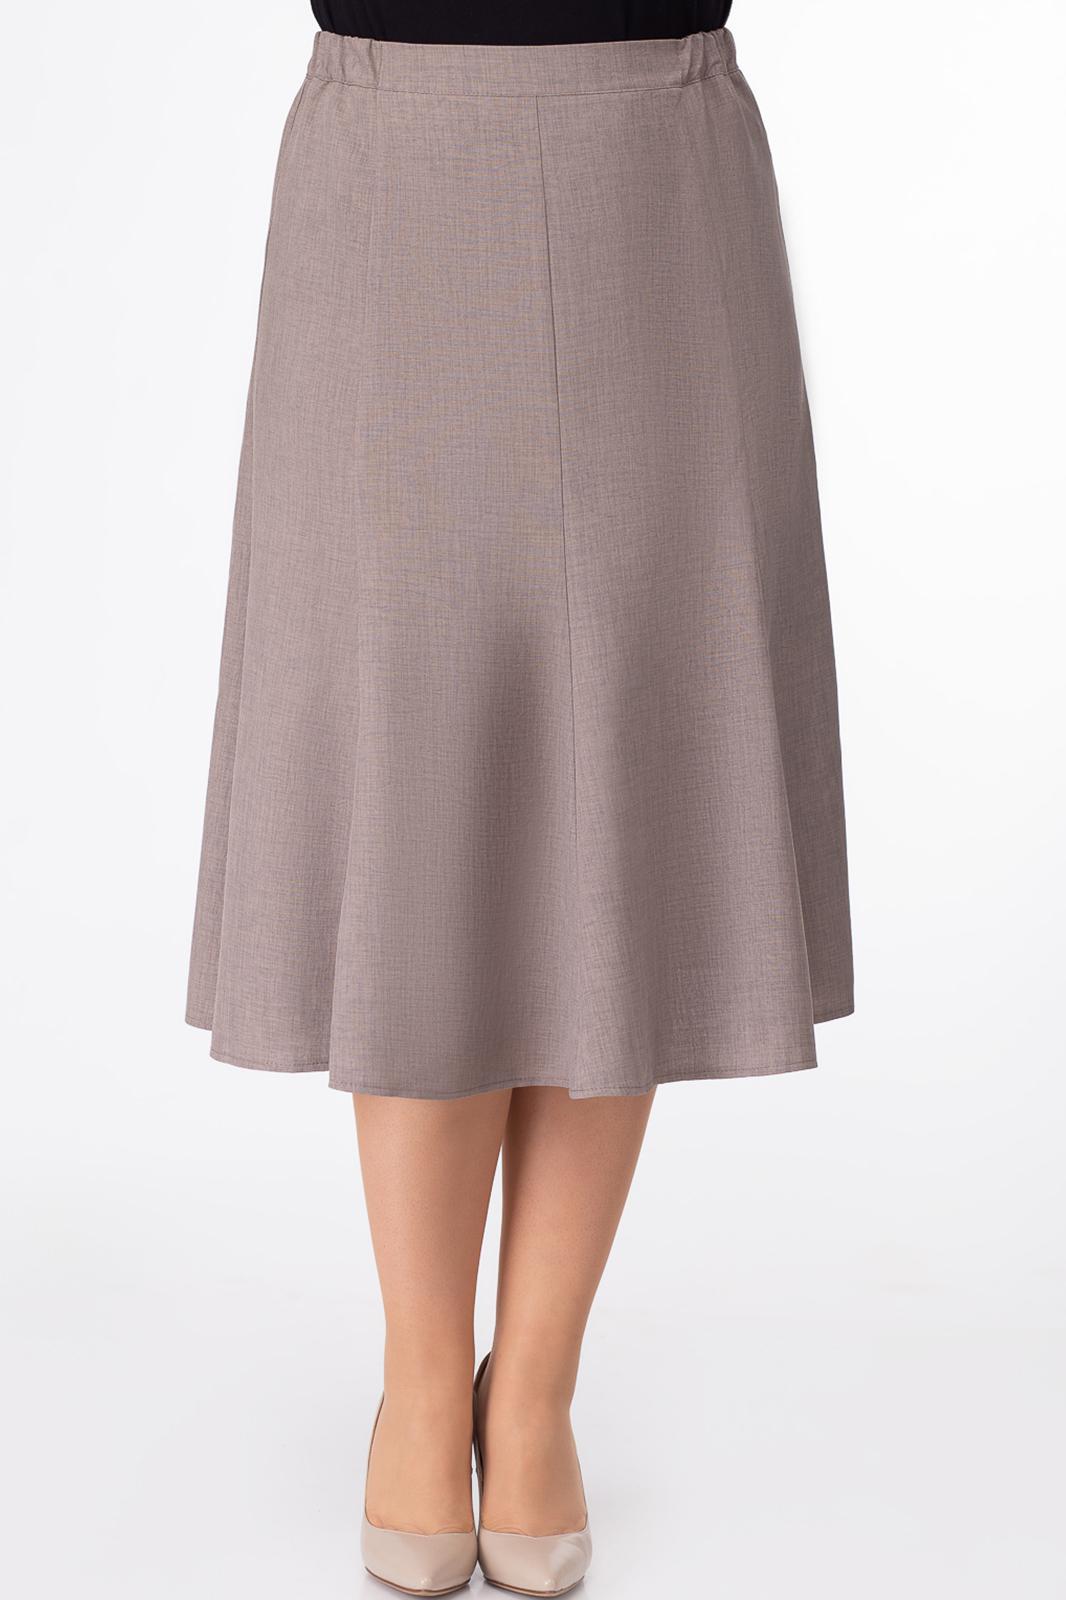 5836ff40f64 Купить юбку в интернет-магазине в Минске. Белорусские женские юбки